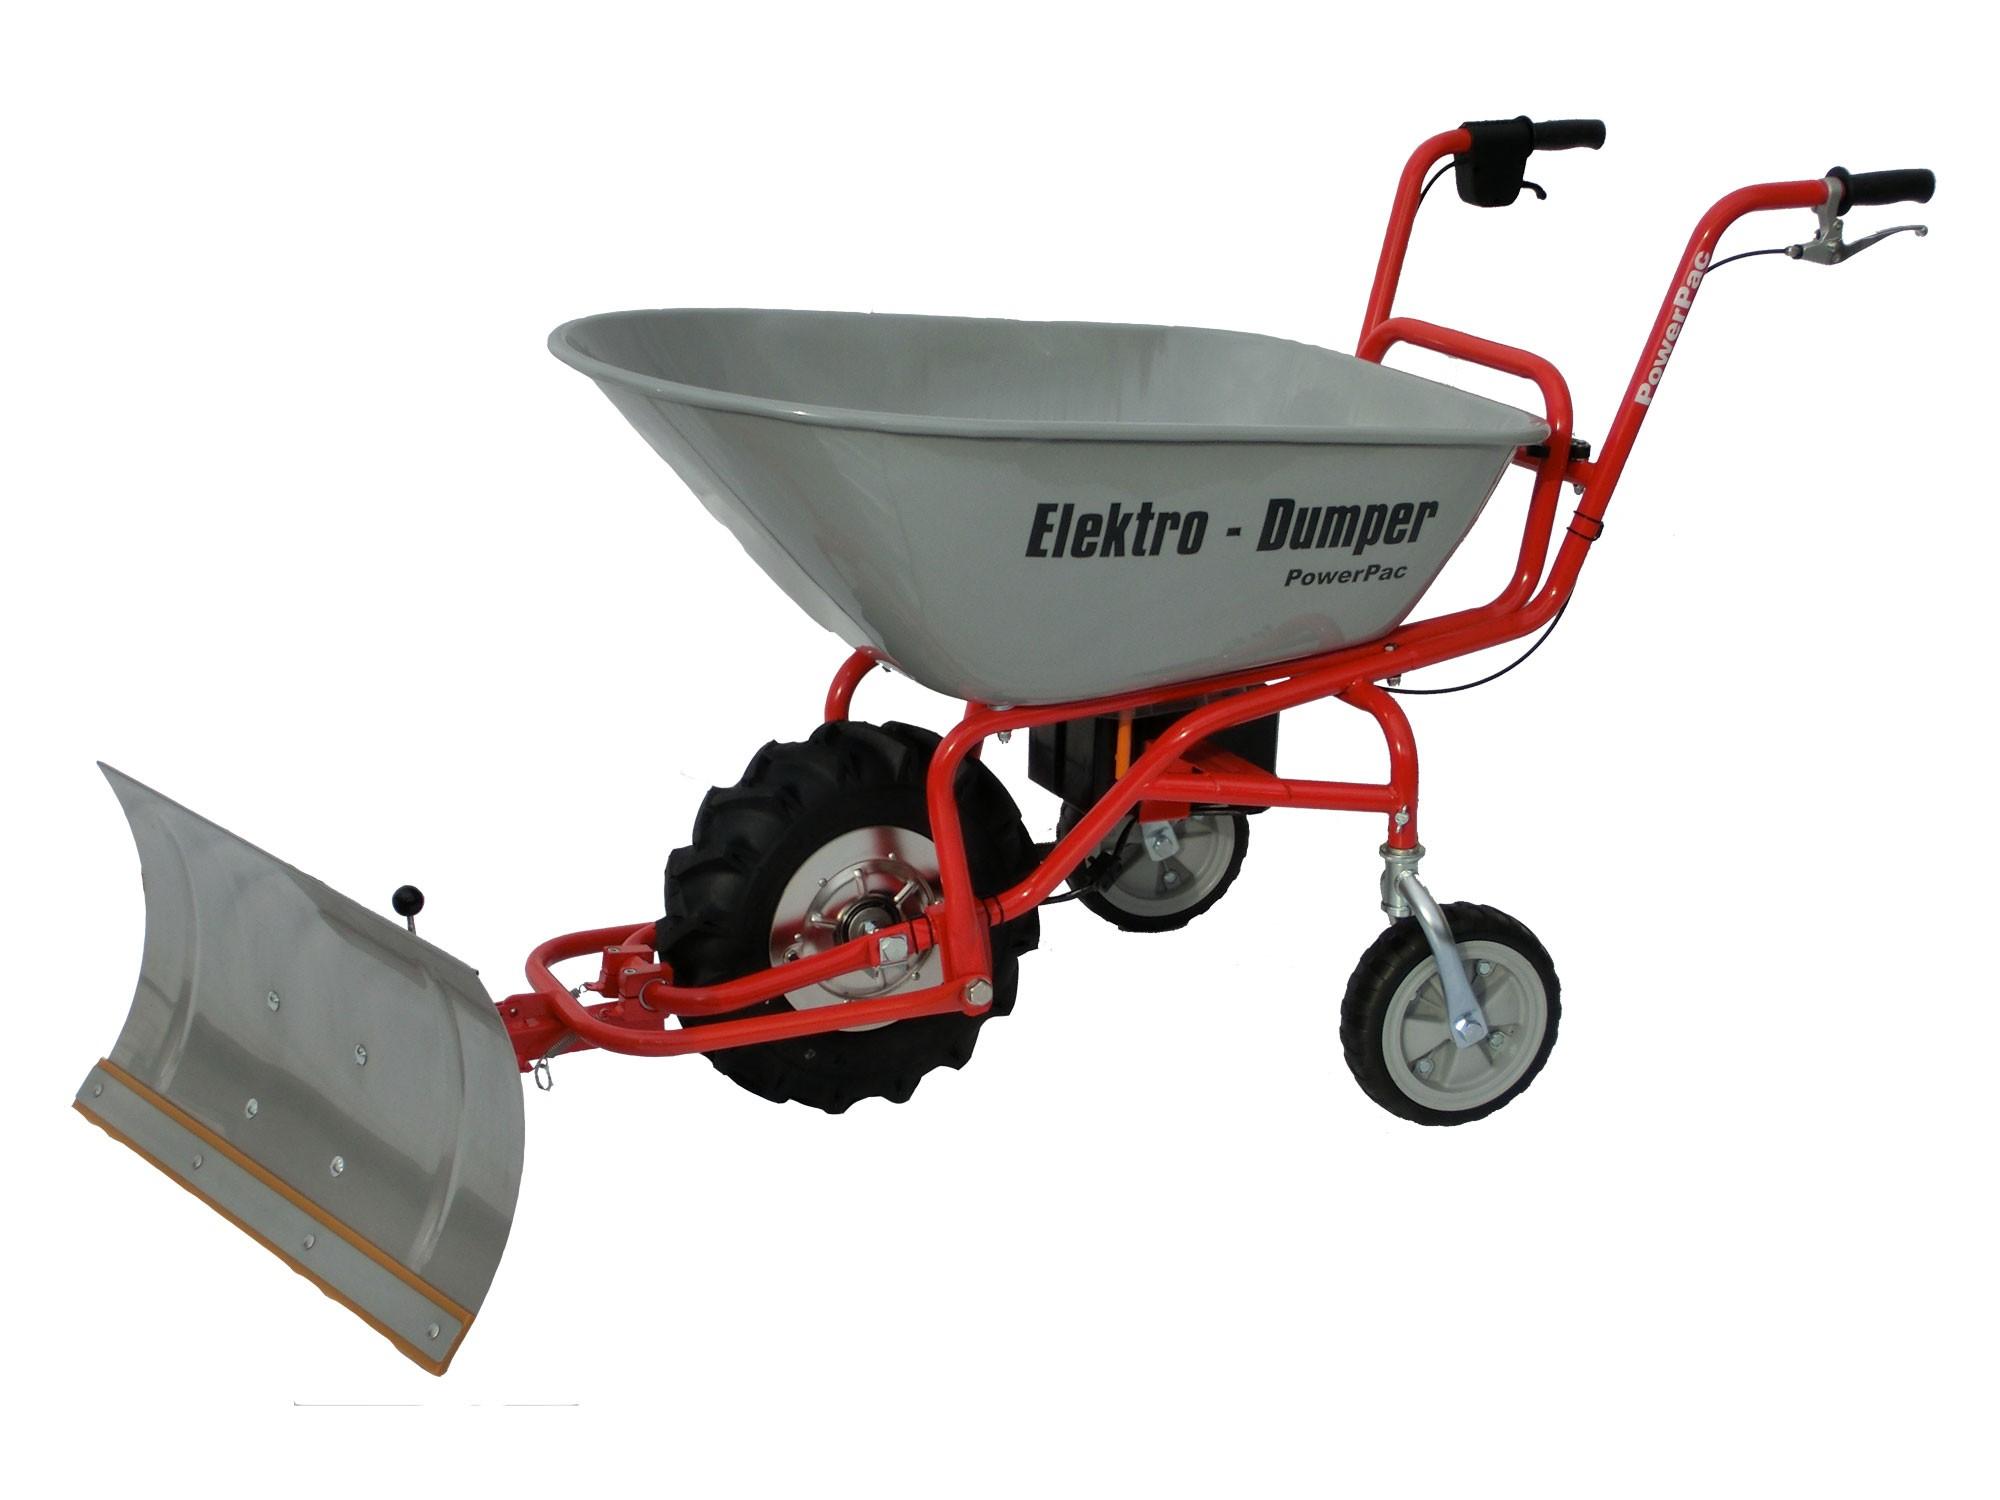 Powerpac Elektro-Dumper / Elektroschubkarre ED120 mit Schneeschild Bild 1